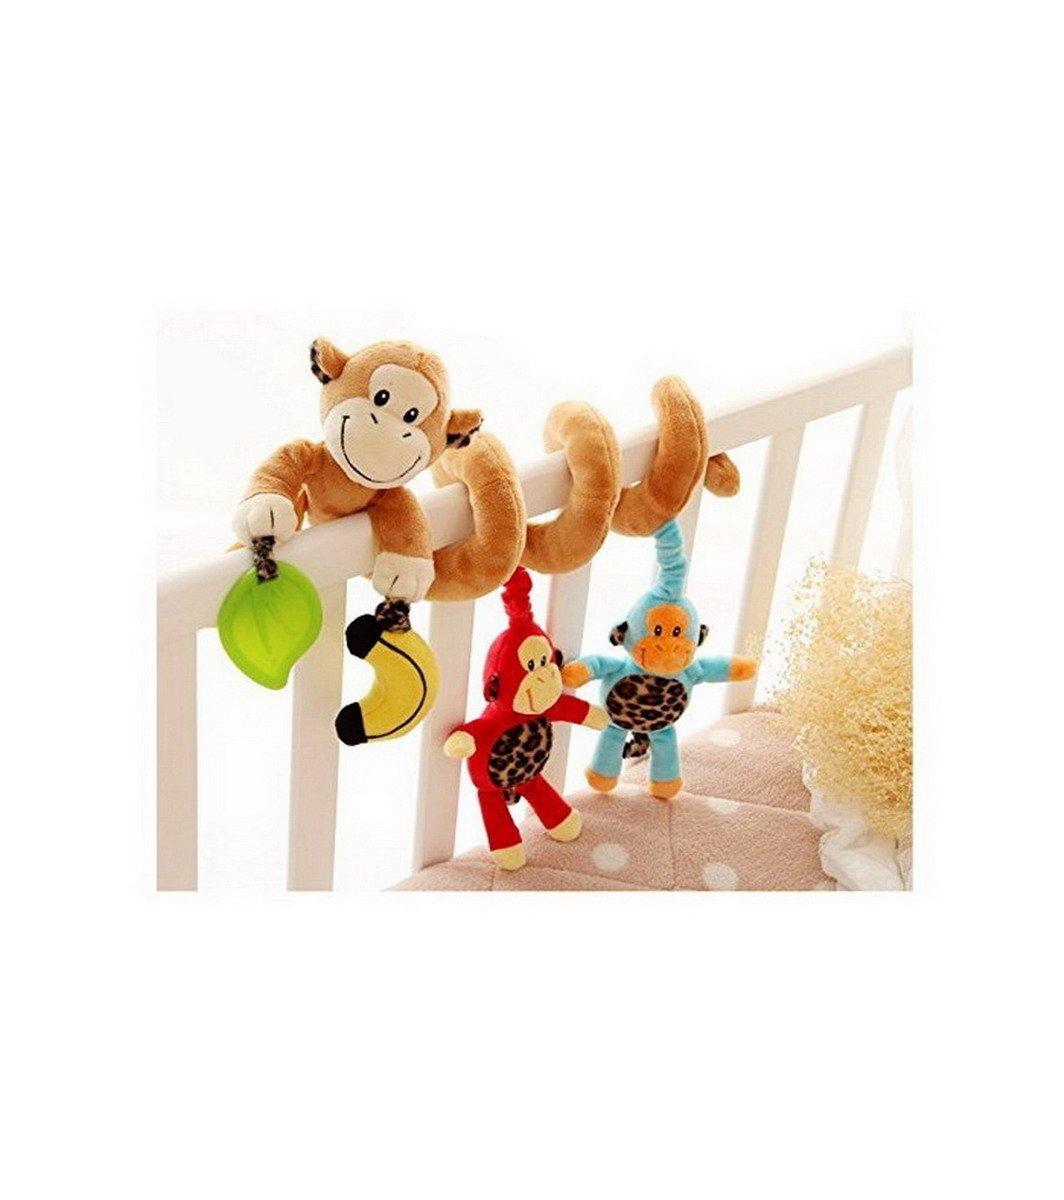 Affe-Baby-Krippe Activity Spirale Kinderwagen Spielzeug-Verpackung um Krippe Schiene oder Kinderwagen Spielzeug Ahatech